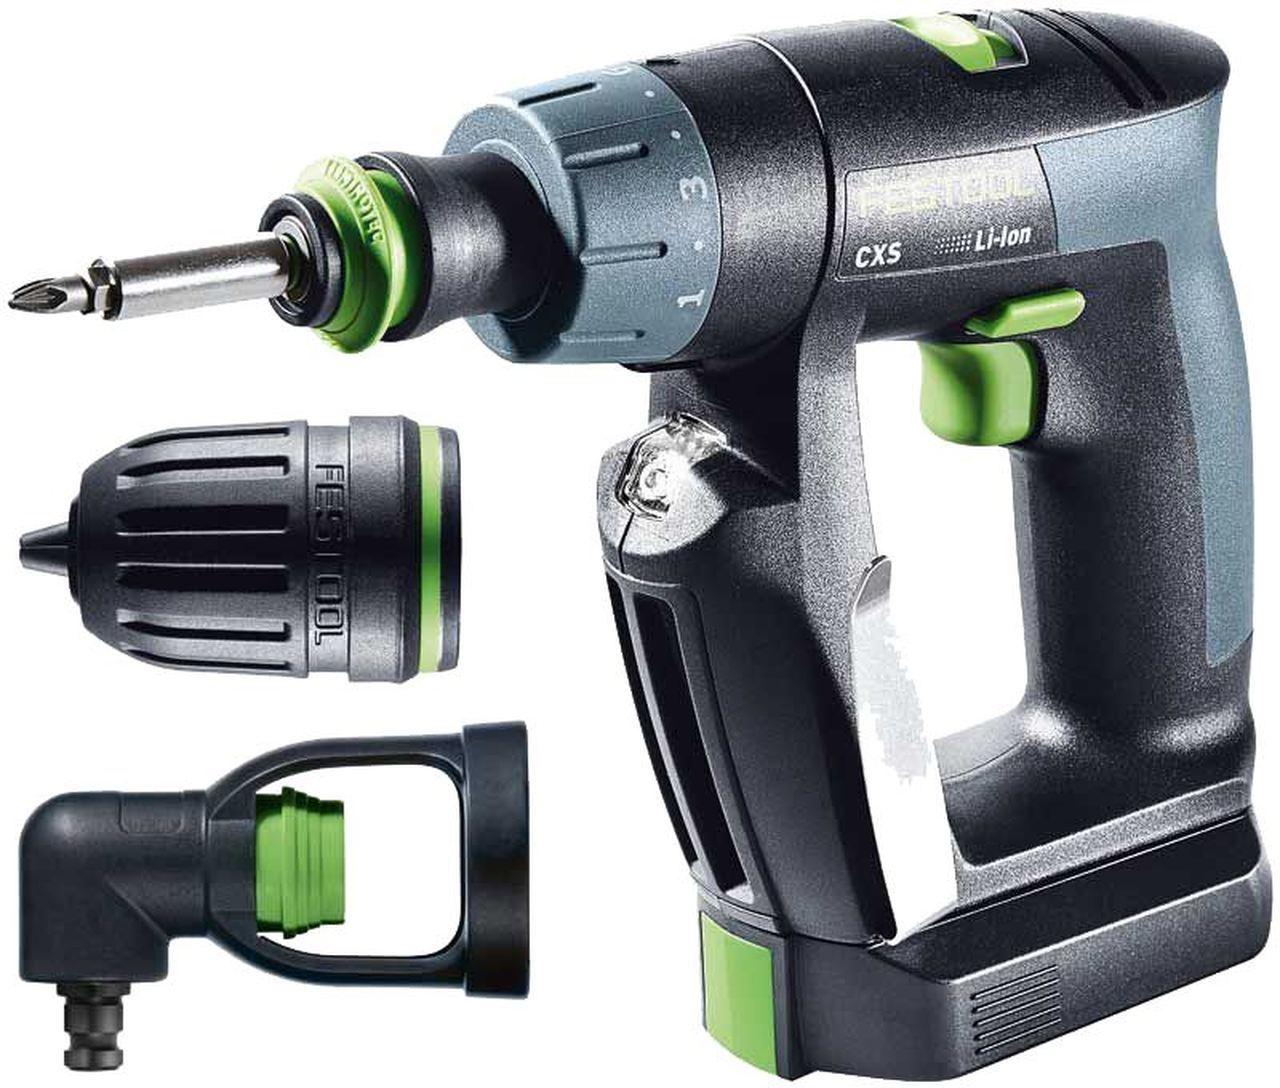 Festool Drills & Screwdrivers